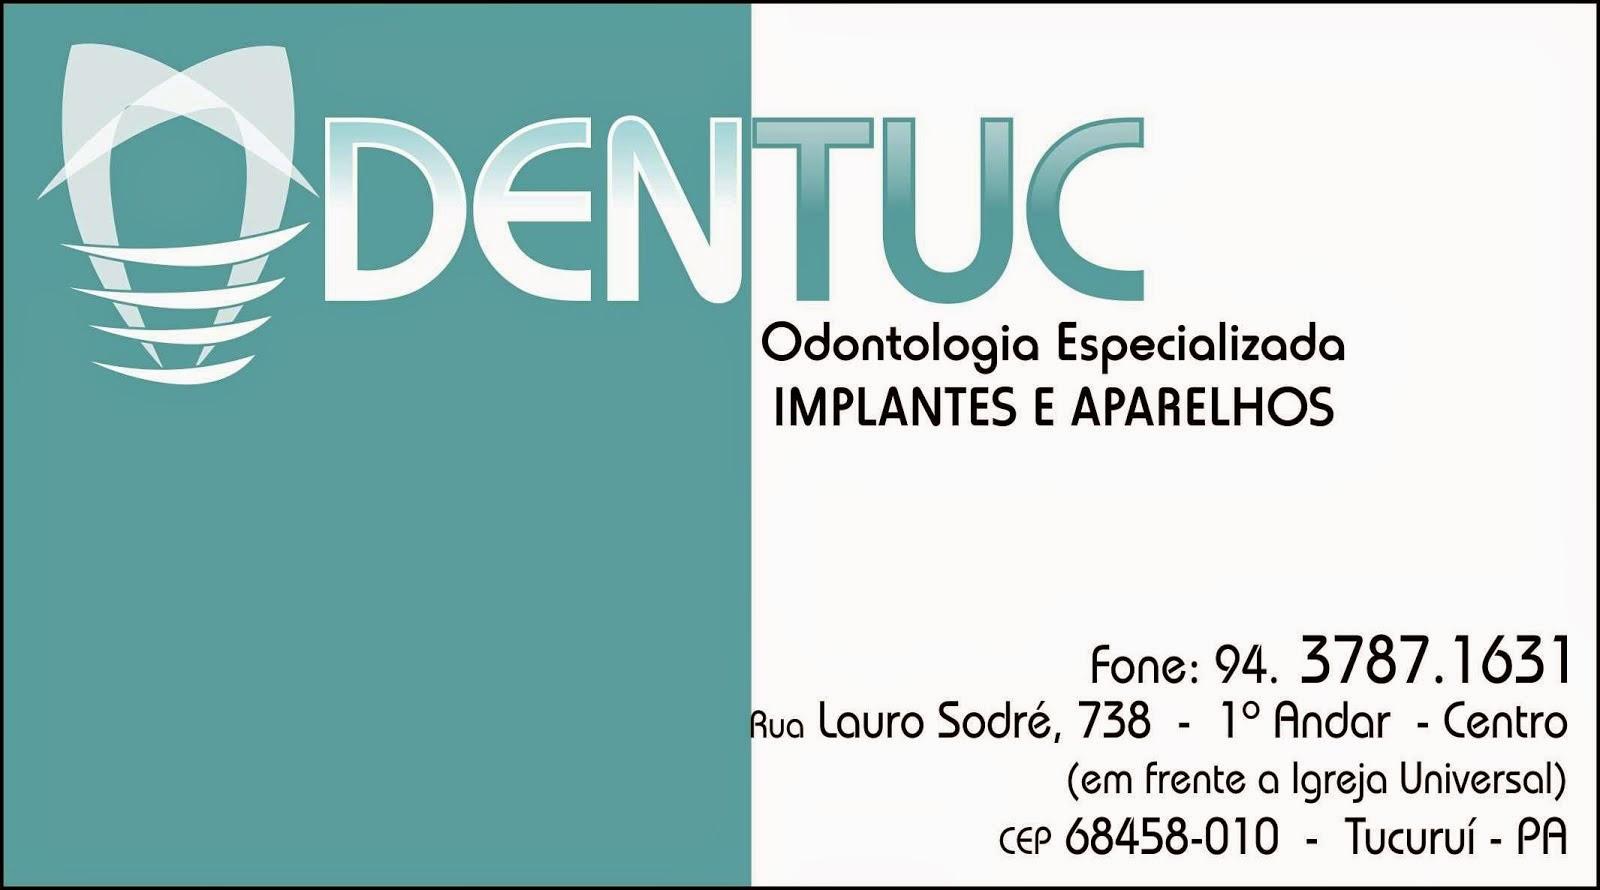 Em Tucuruí a DENTUC atende com Odontologia Especializada, Implantes e Aparelhos